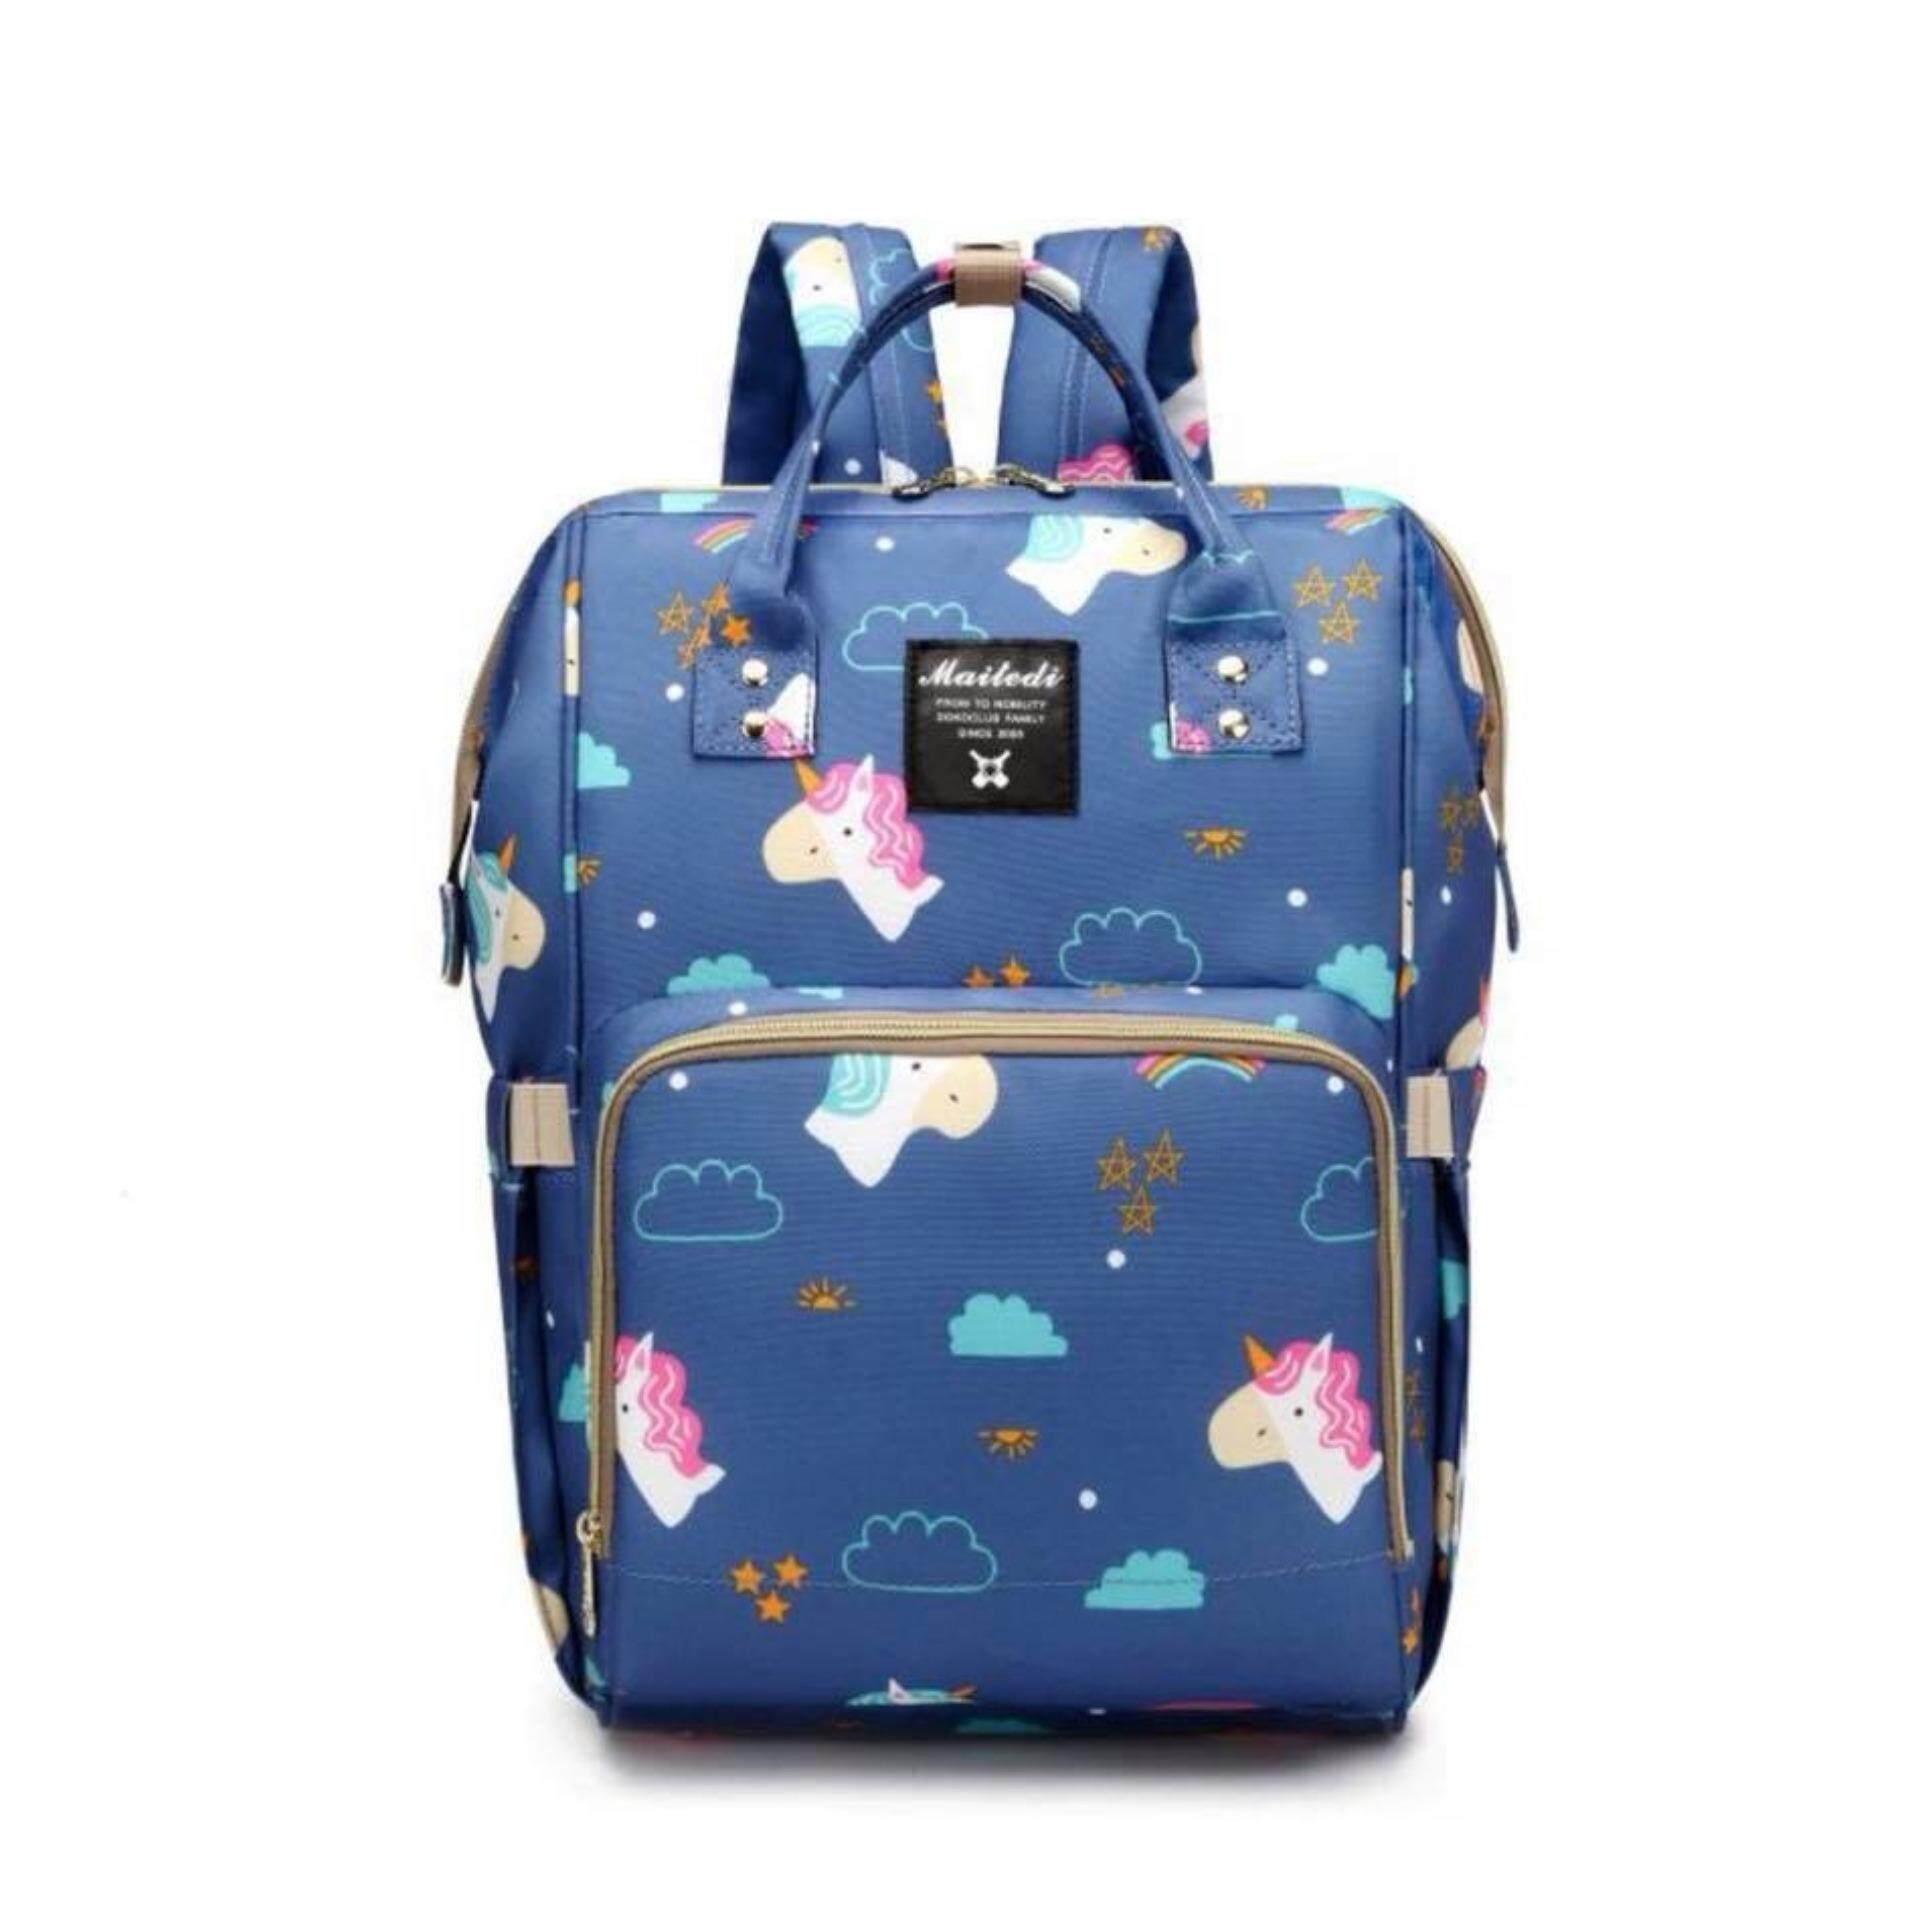 กระเป๋าคุณแม่ใส่ขวดนมเก็บสัมภาระแม่และเด็ก ใบใหญ่มีสายสะพายหลัง(ลายม้ายูนิคอน).